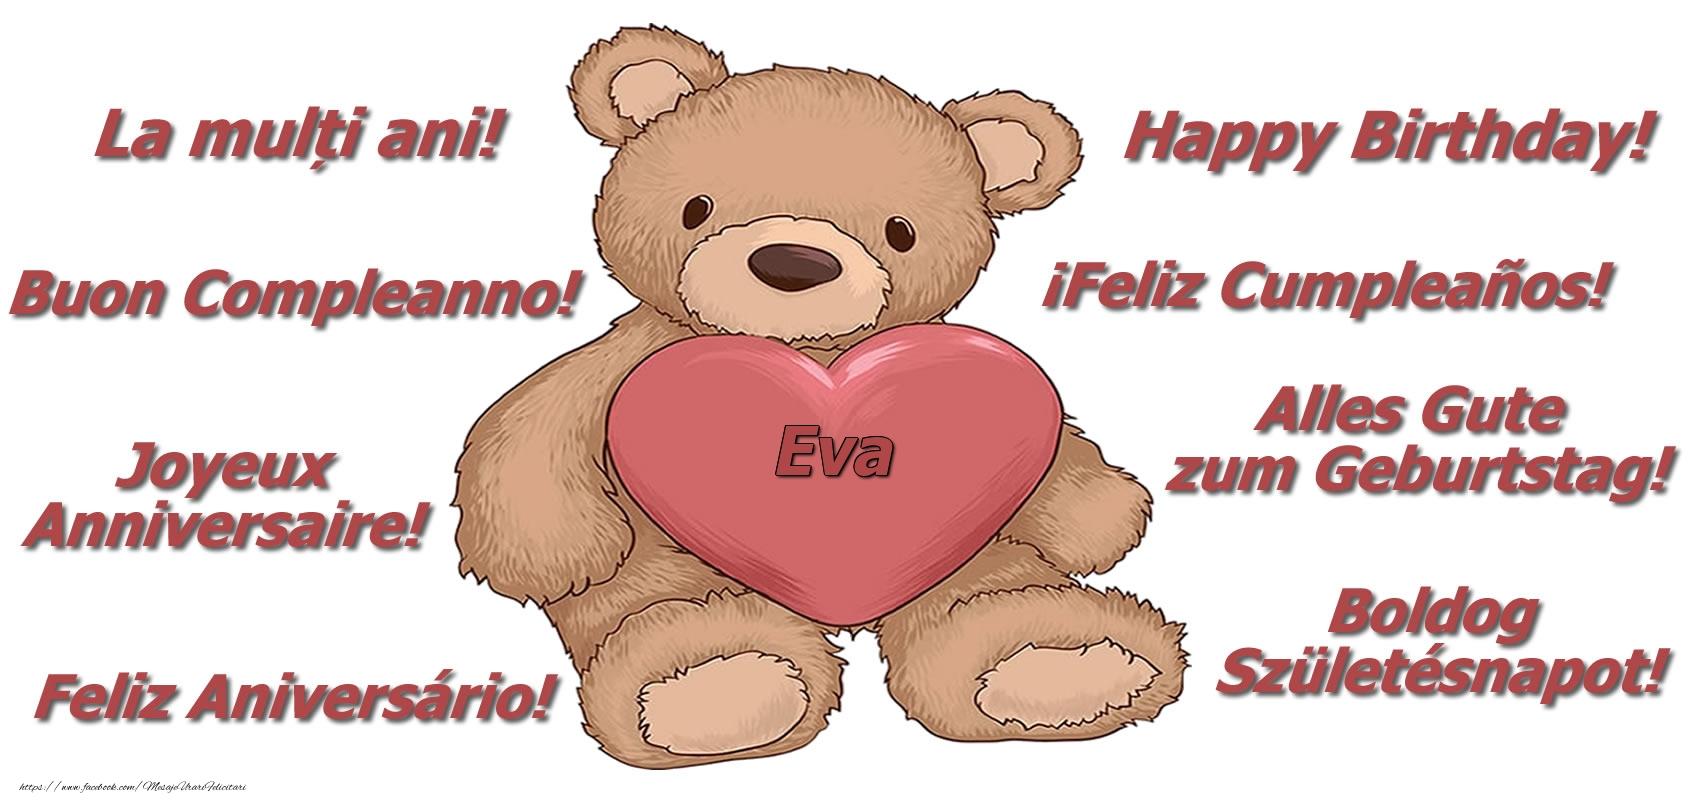 Felicitari de zi de nastere - La multi ani Eva! - Ursulet